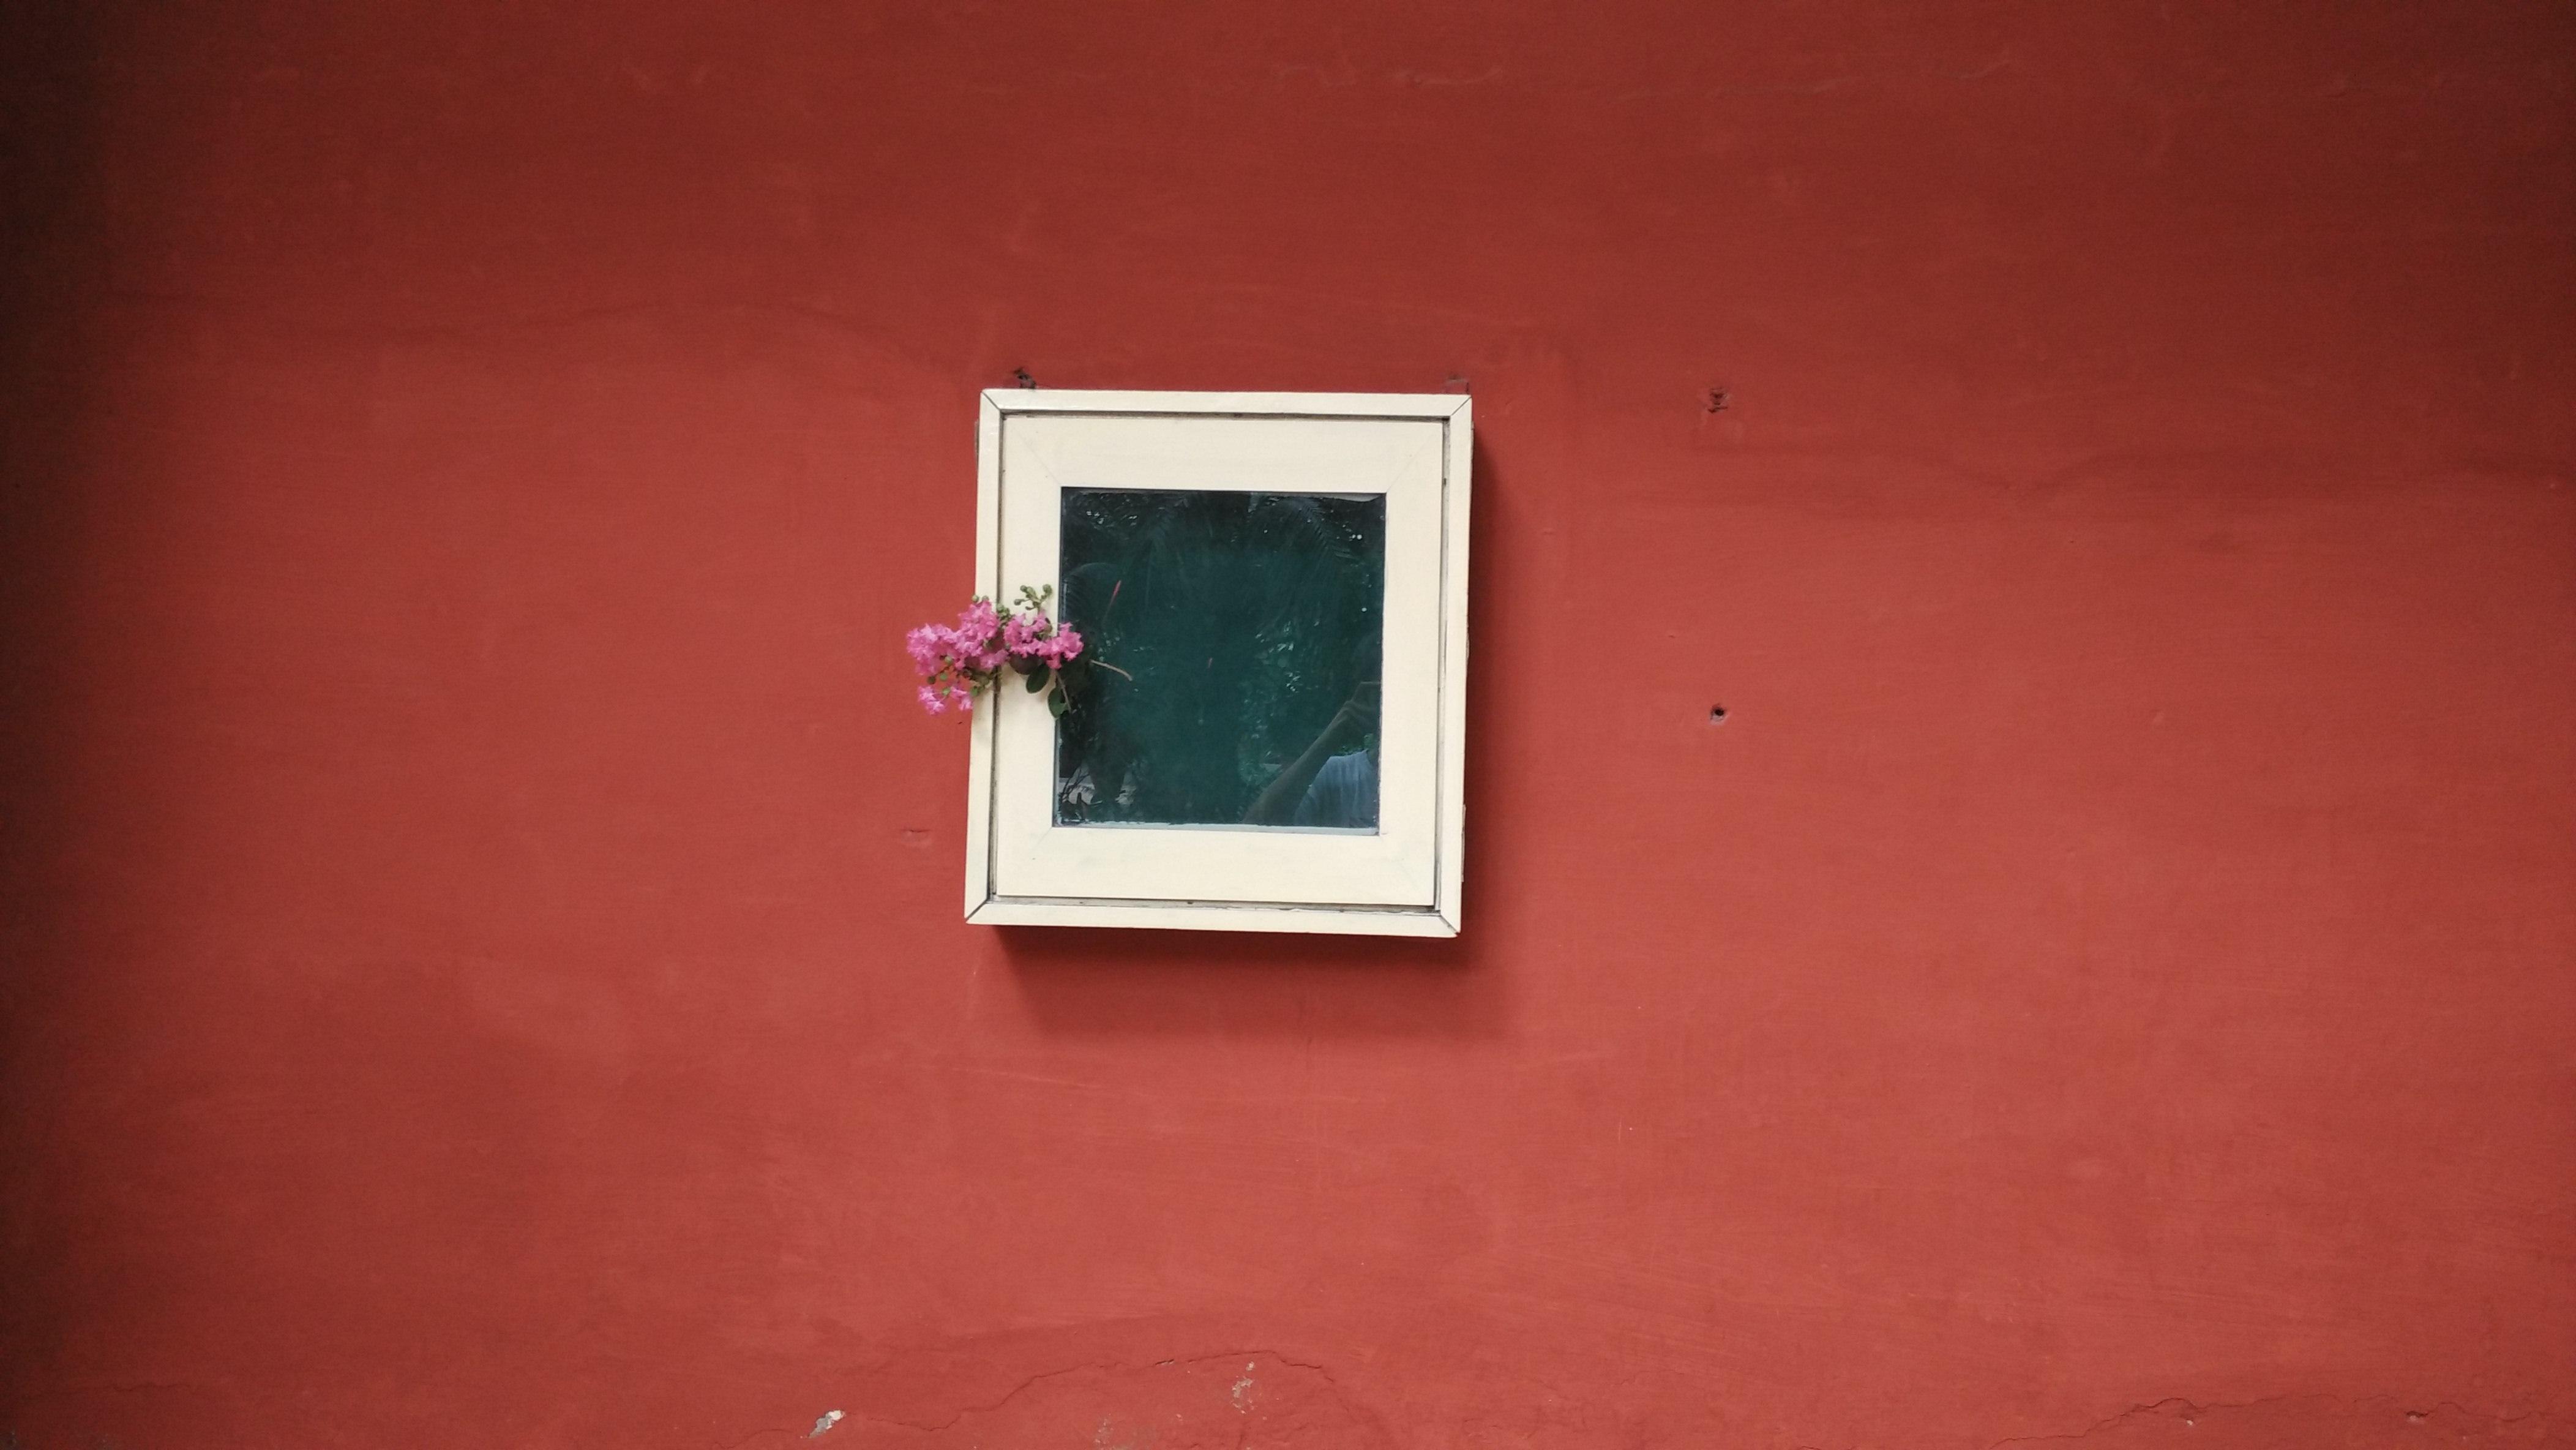 Kostenlose foto : Licht, Weiß, Fenster, Mauer, Grün, rot, Farbe ...